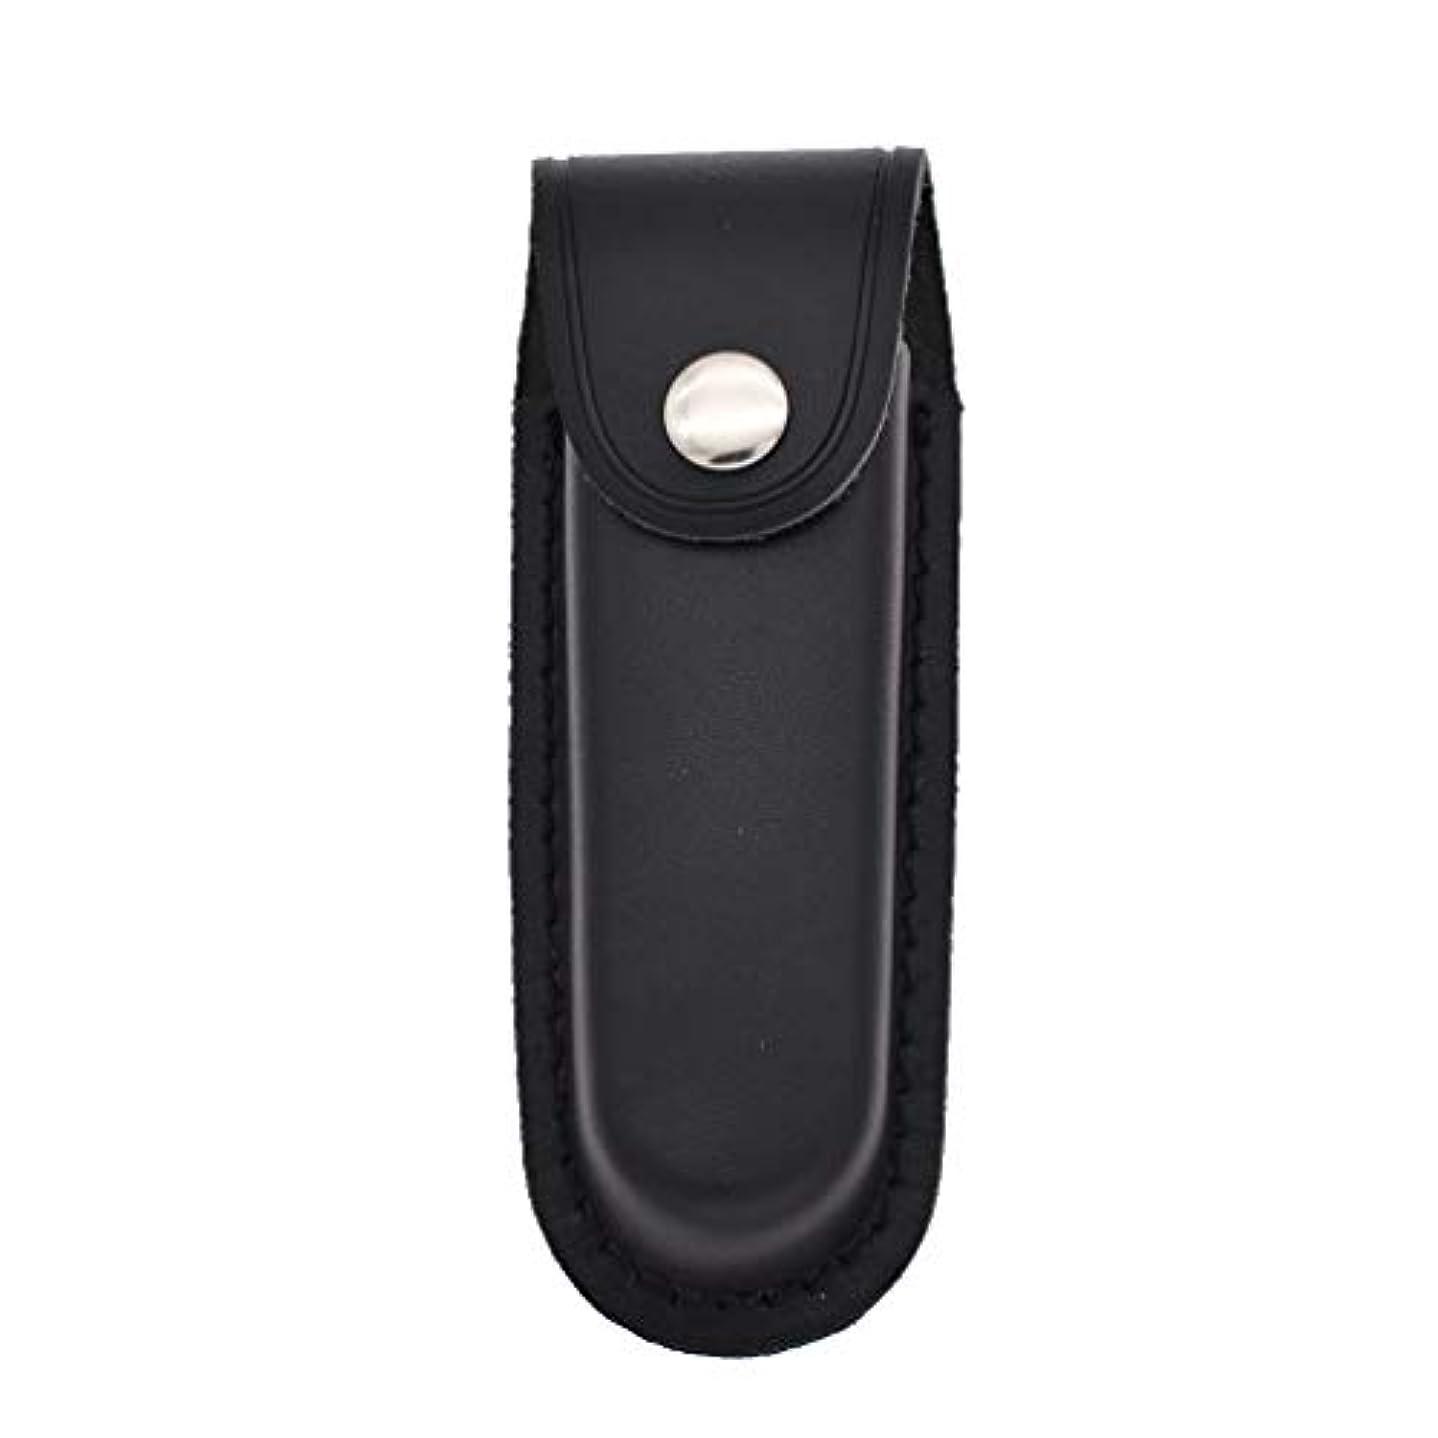 着陸有害な蓮Hongma レザーナイフシース 折り畳みナイフ用 スナップ閉鎖 ブラック